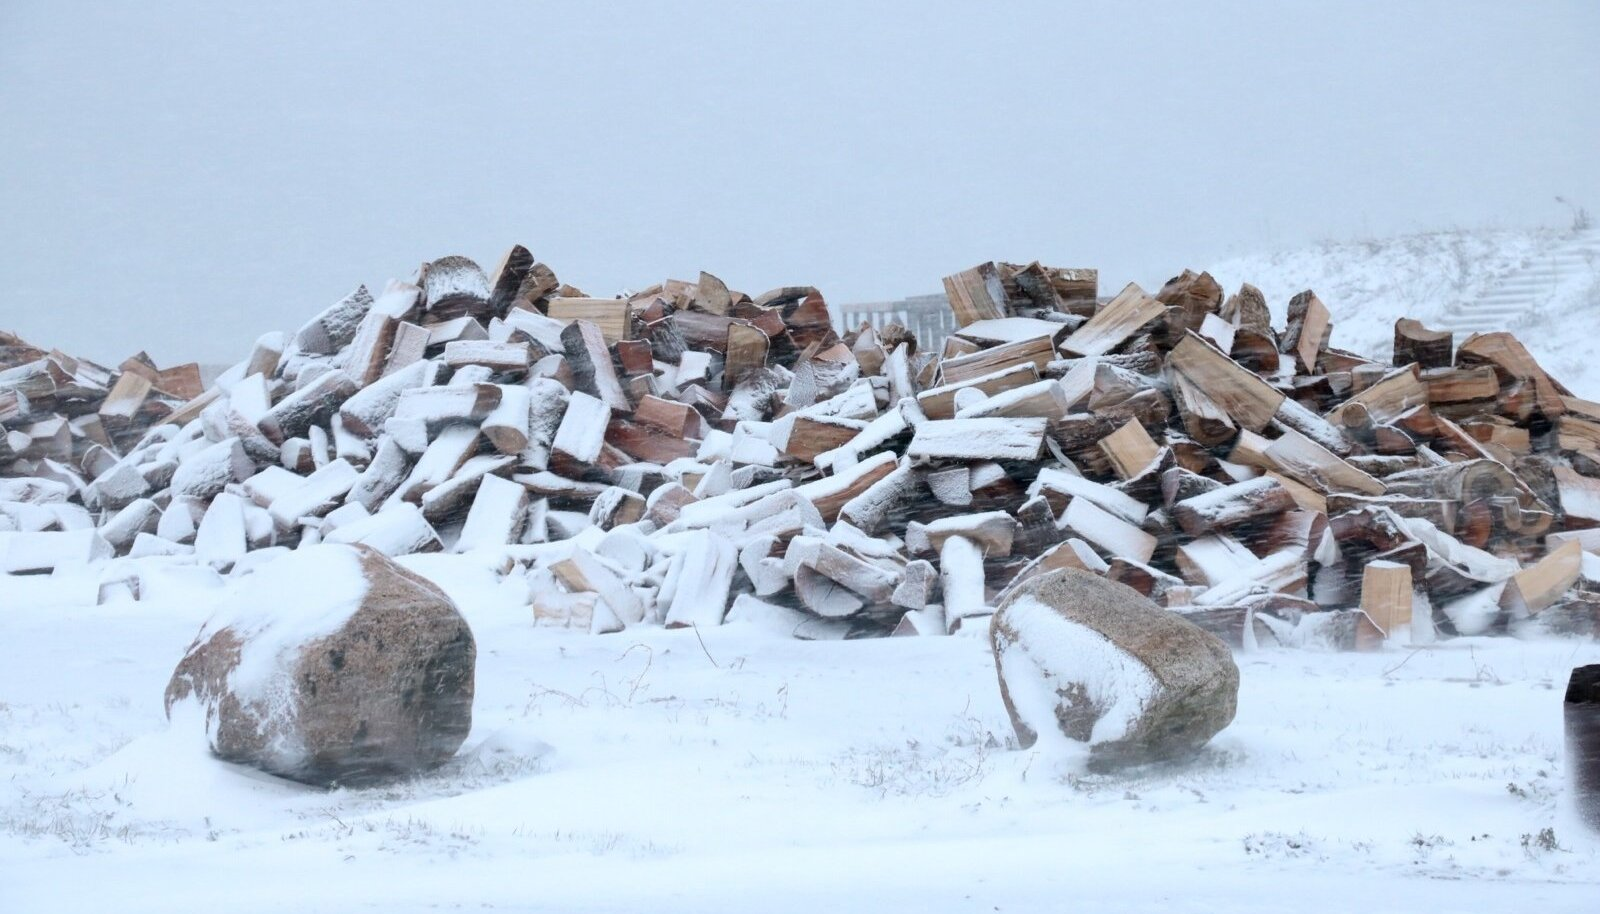 Torm Saaremaal 2 jaanuar 2019, murdunud puud, lumetuisk